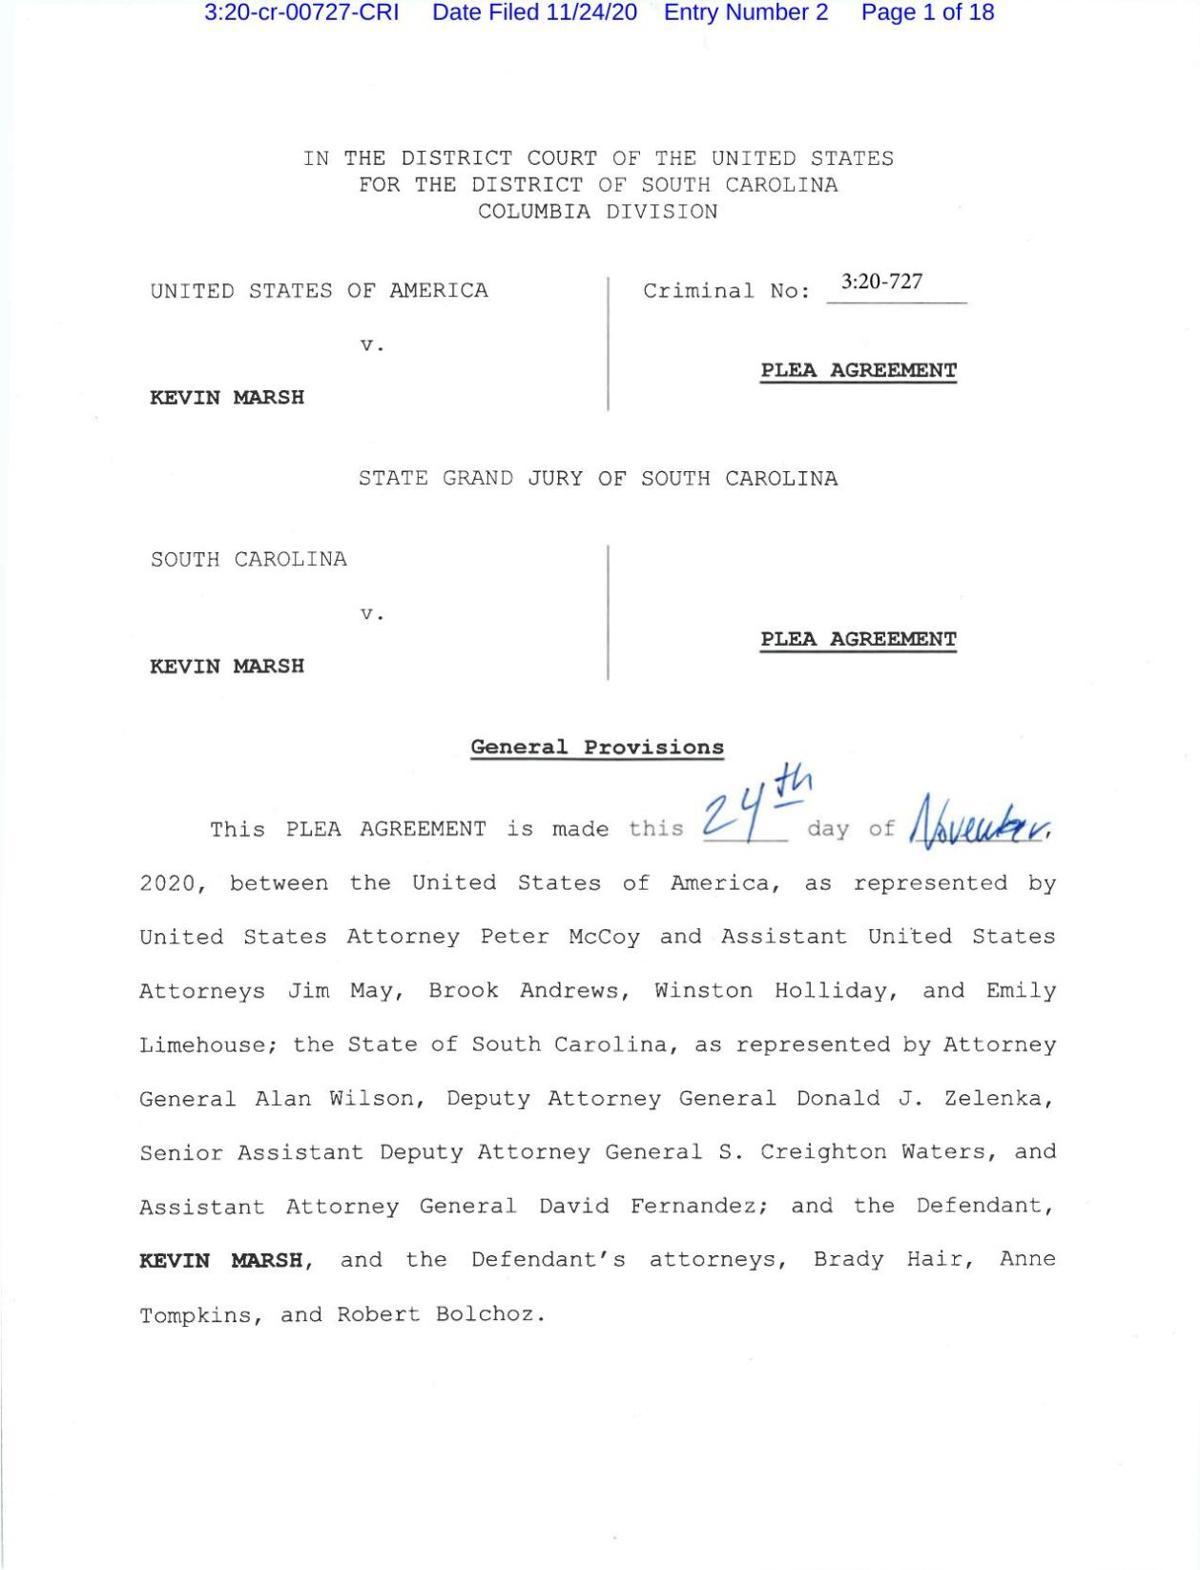 Kevin Marsh plea agreement